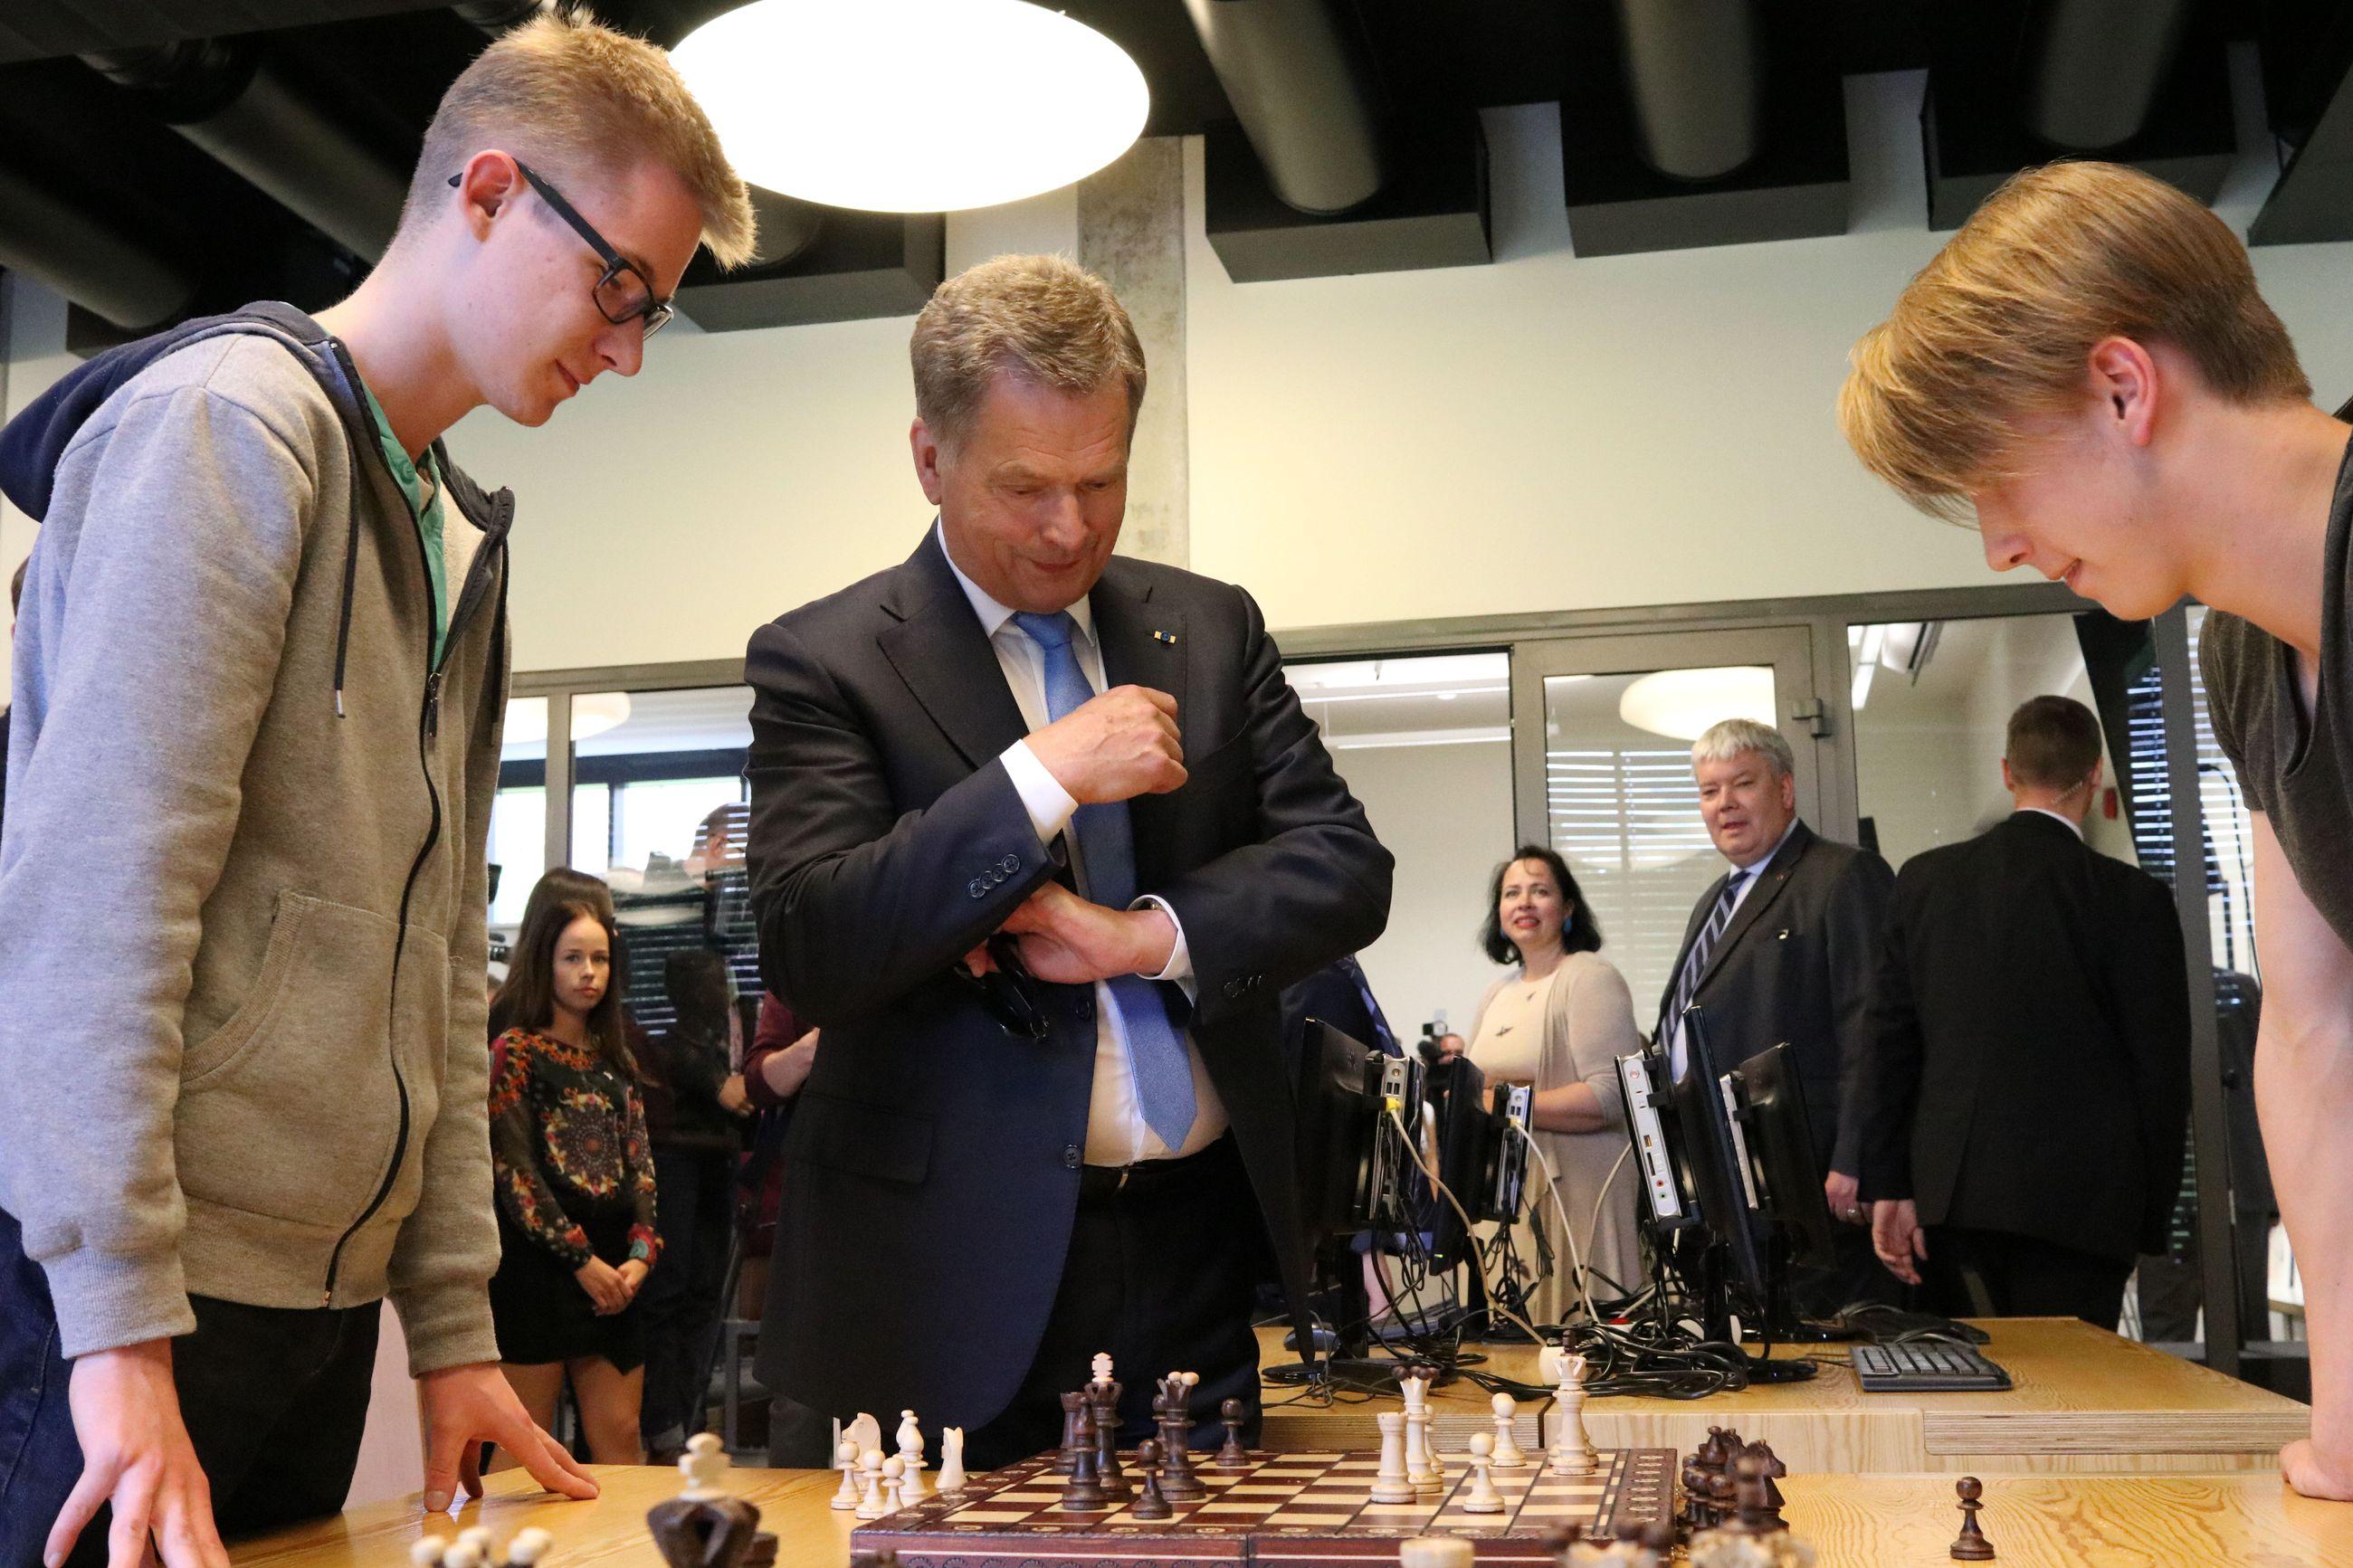 Ilo ylimmillään: Presidentti Niinistö ja Kanadan